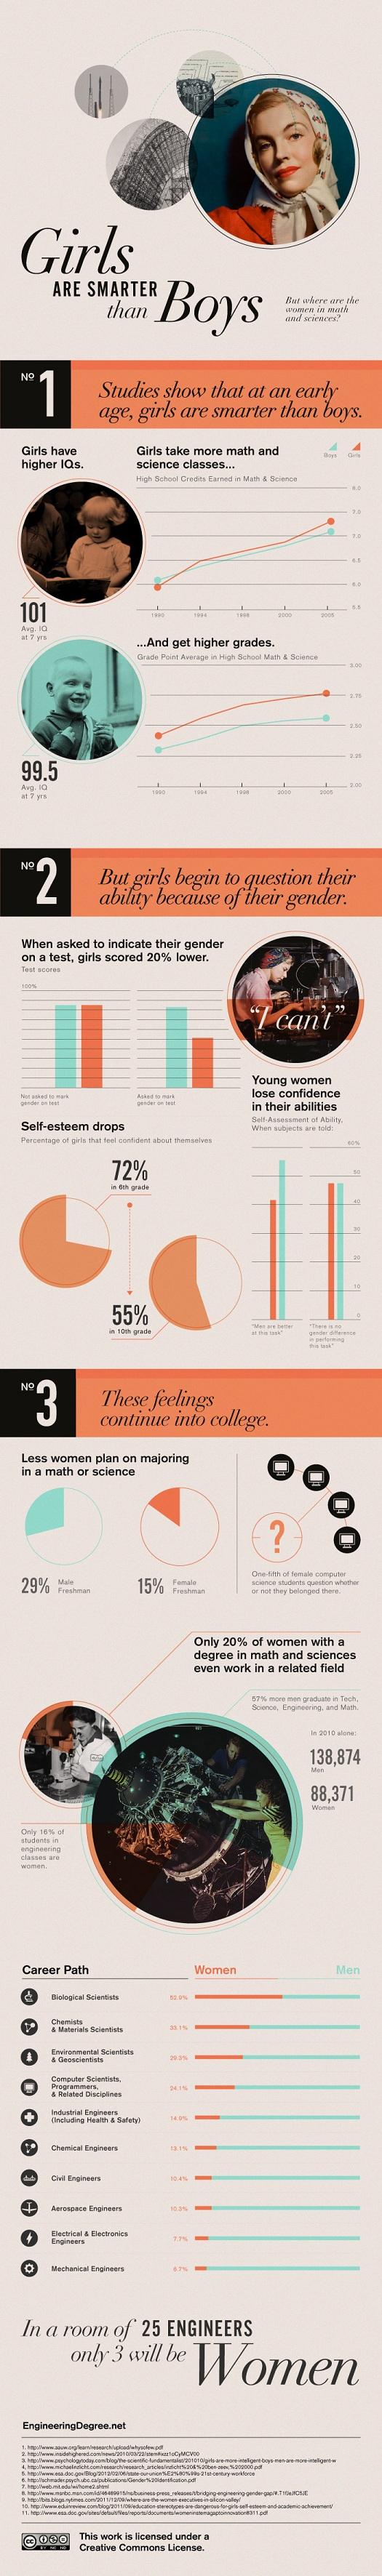 ¿Por qué las mujeres son mas inteligentes que los hombres?